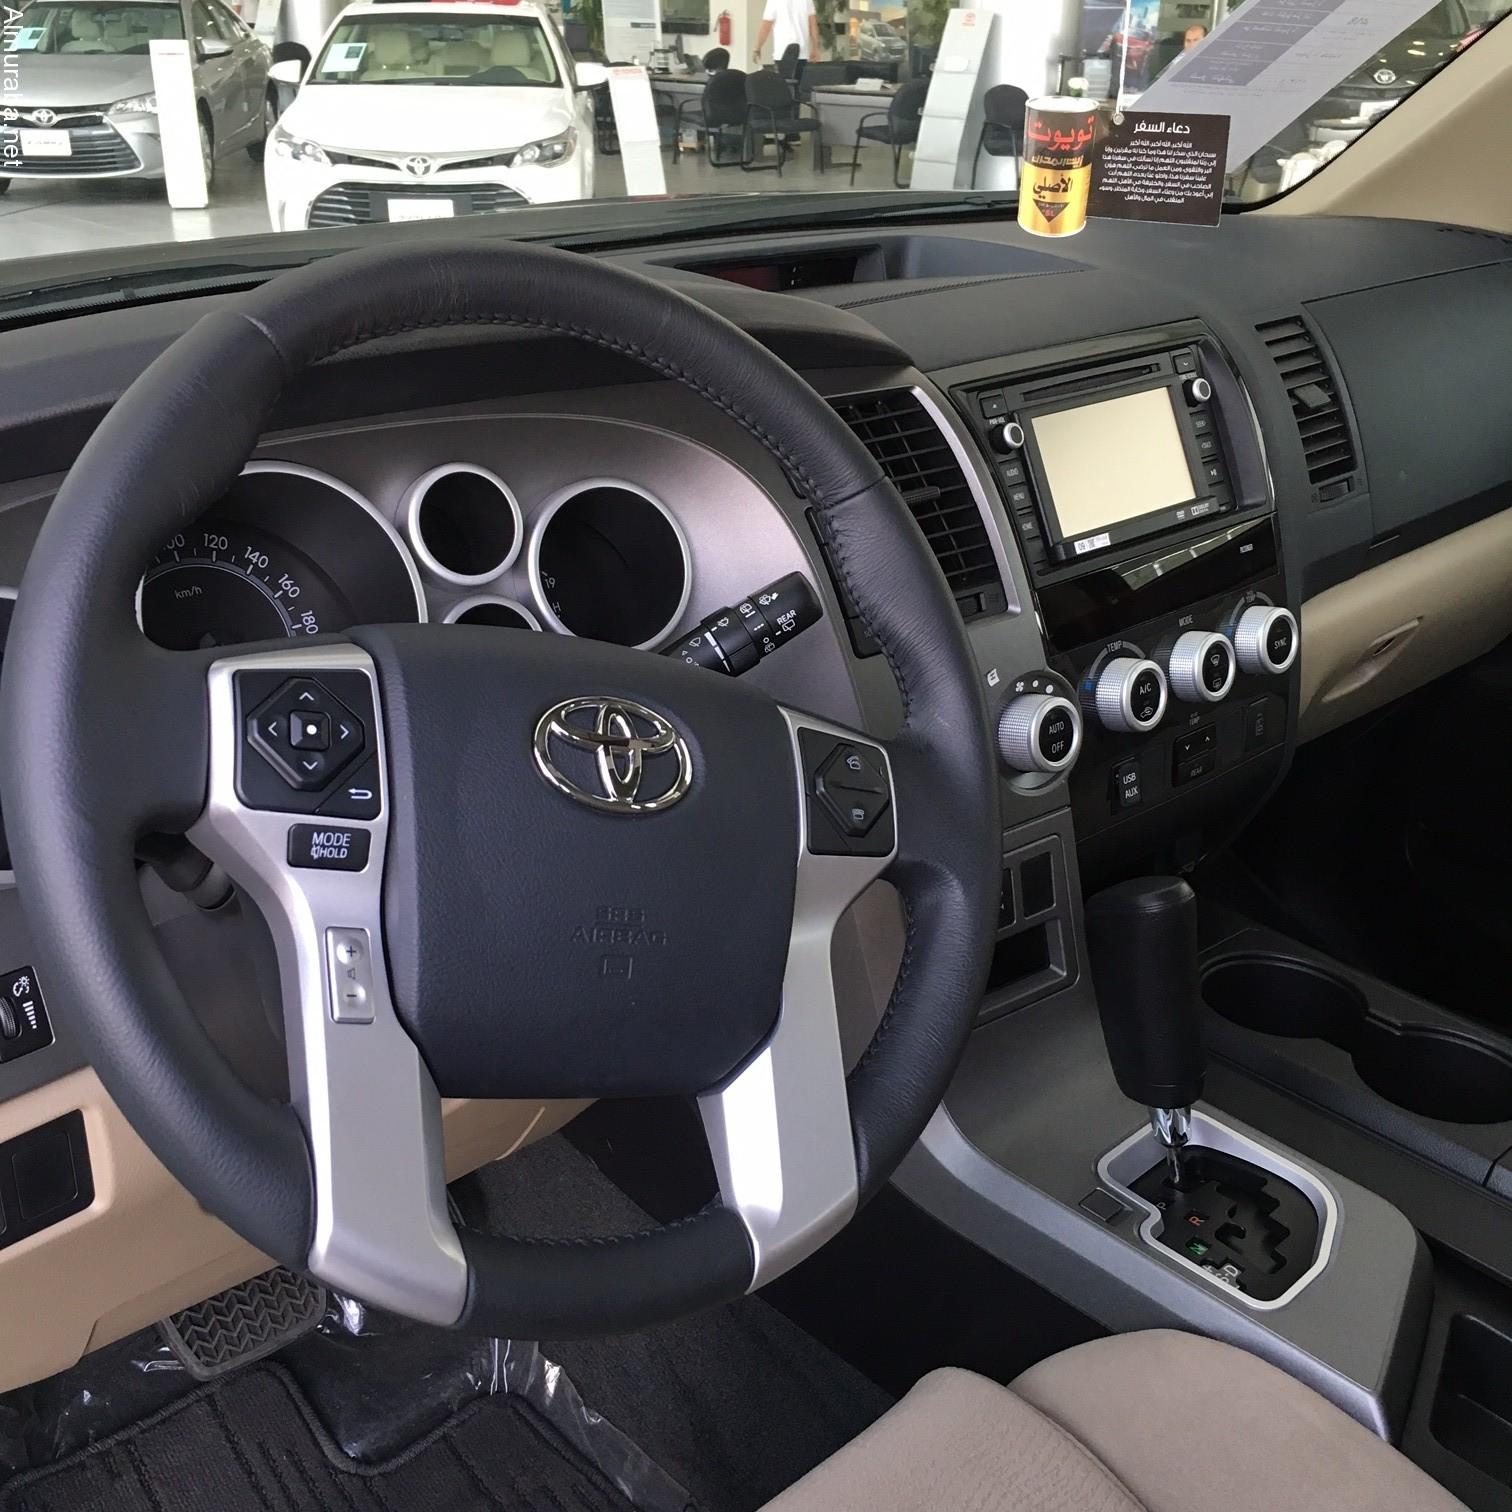 """2020 Toyota Sequoia Limited Spy Photos: تويوتا سيكويا 2016 العائلية لدى عبداللطيف جميل """"تقرير"""